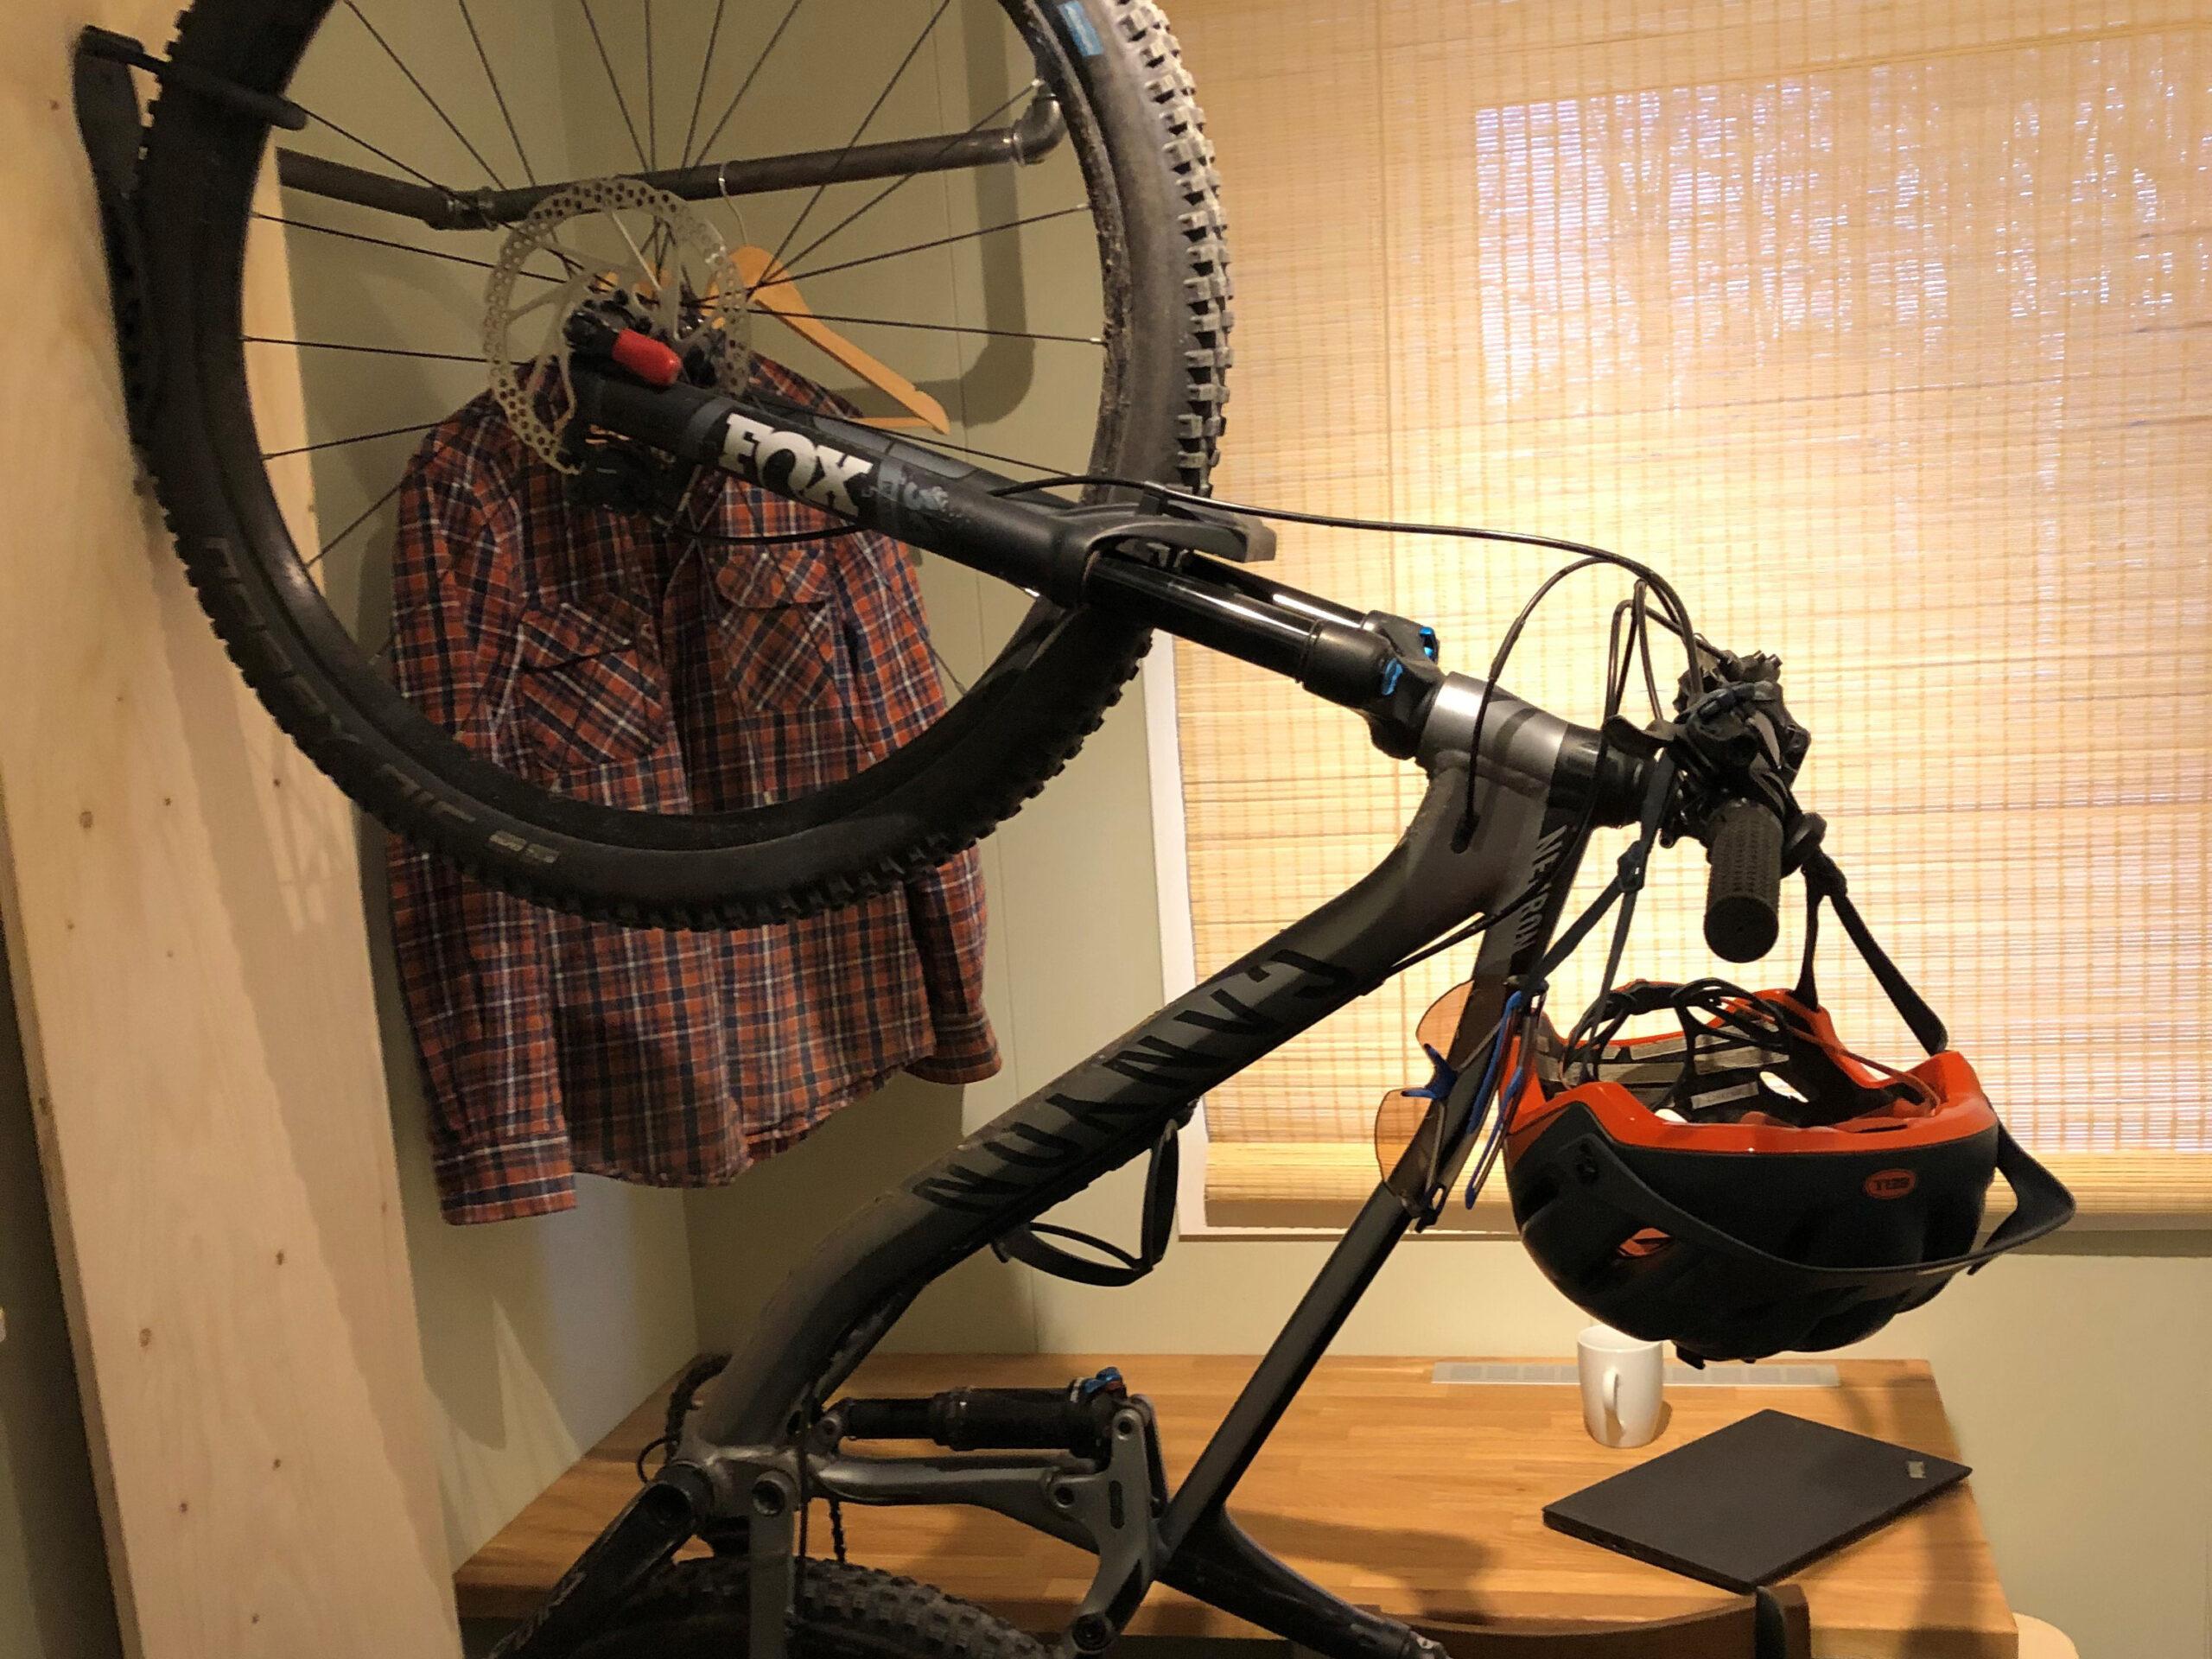 inredning med cykel_